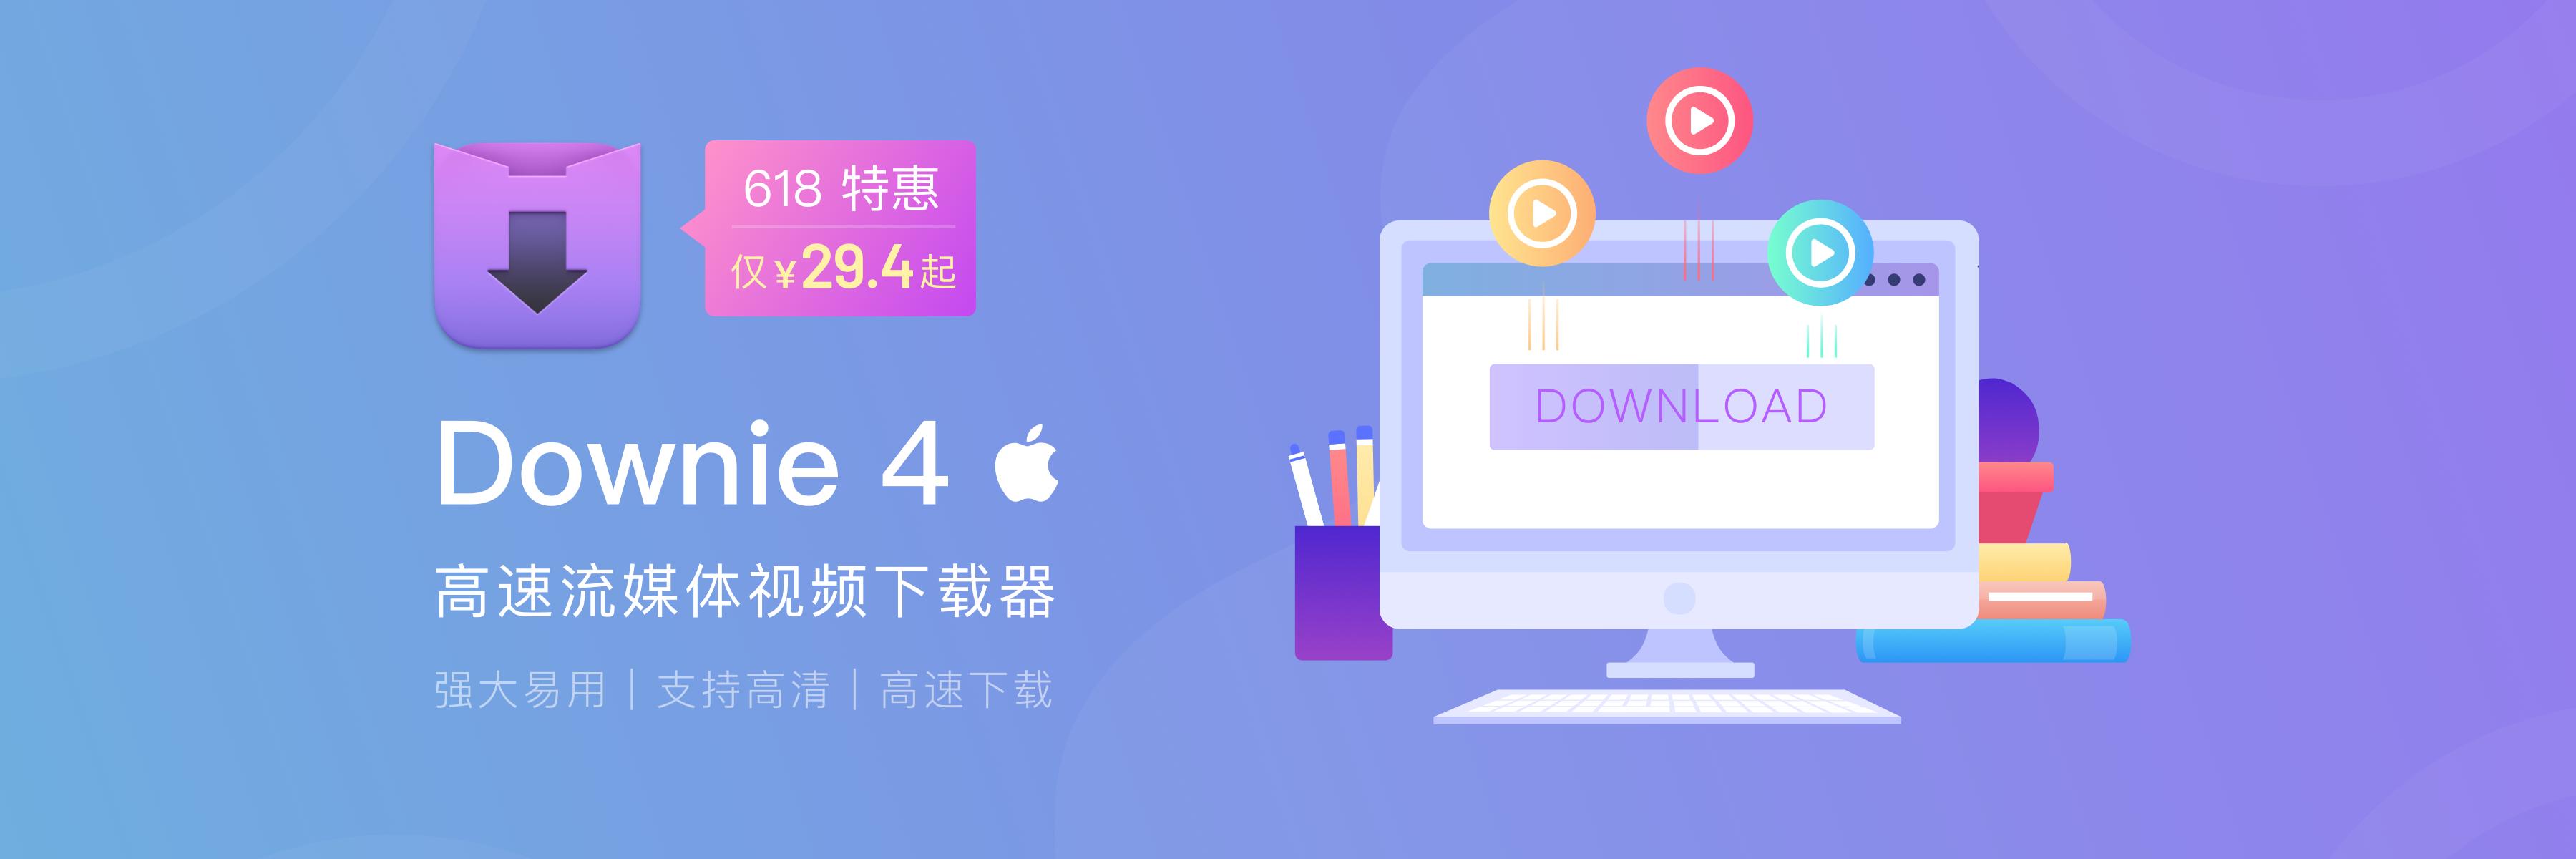 为了方便的离线观看视频,大家一定尝试过各种开源的视频下载软件,但这些工具通常操作复杂,还经常失效。而在 macOS 平台有一款出色的视频下载工具,是众多用户的选择,那就是 Downie。618活动期间更是带来了全年低价,2021 年 6 月 1 日起至 2021 年 6 月 21 日,Downie 4 限时 7 折,下单 Downie 4 到手价只需 29.4 元起。